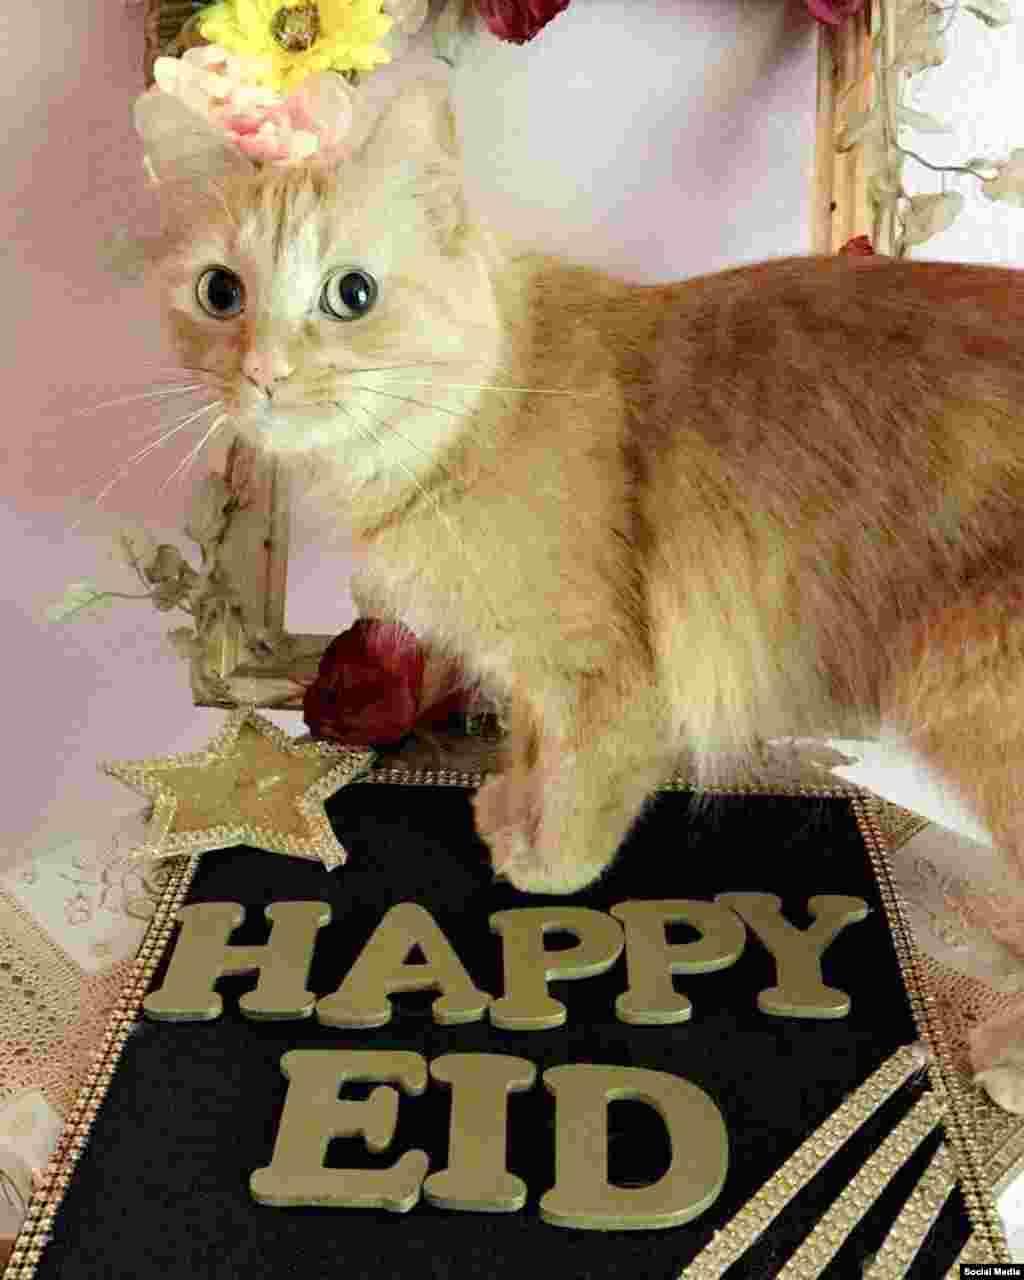 Эта кошечка тоже желает мусульманам счастливого правздника